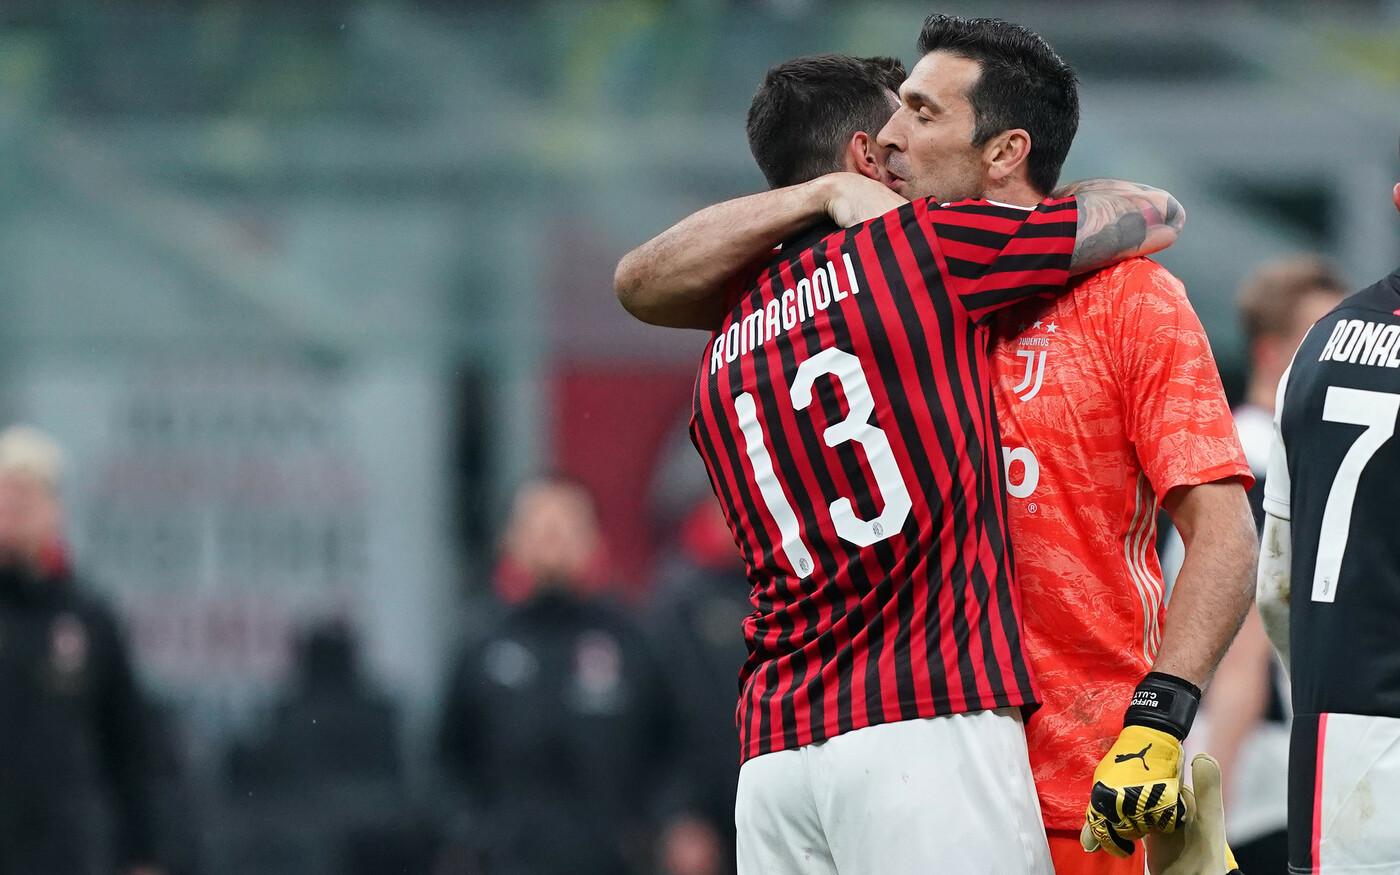 Coppa Italia, Ronaldo replica a Rebic: Milan-Juve 1-1 nell'andata